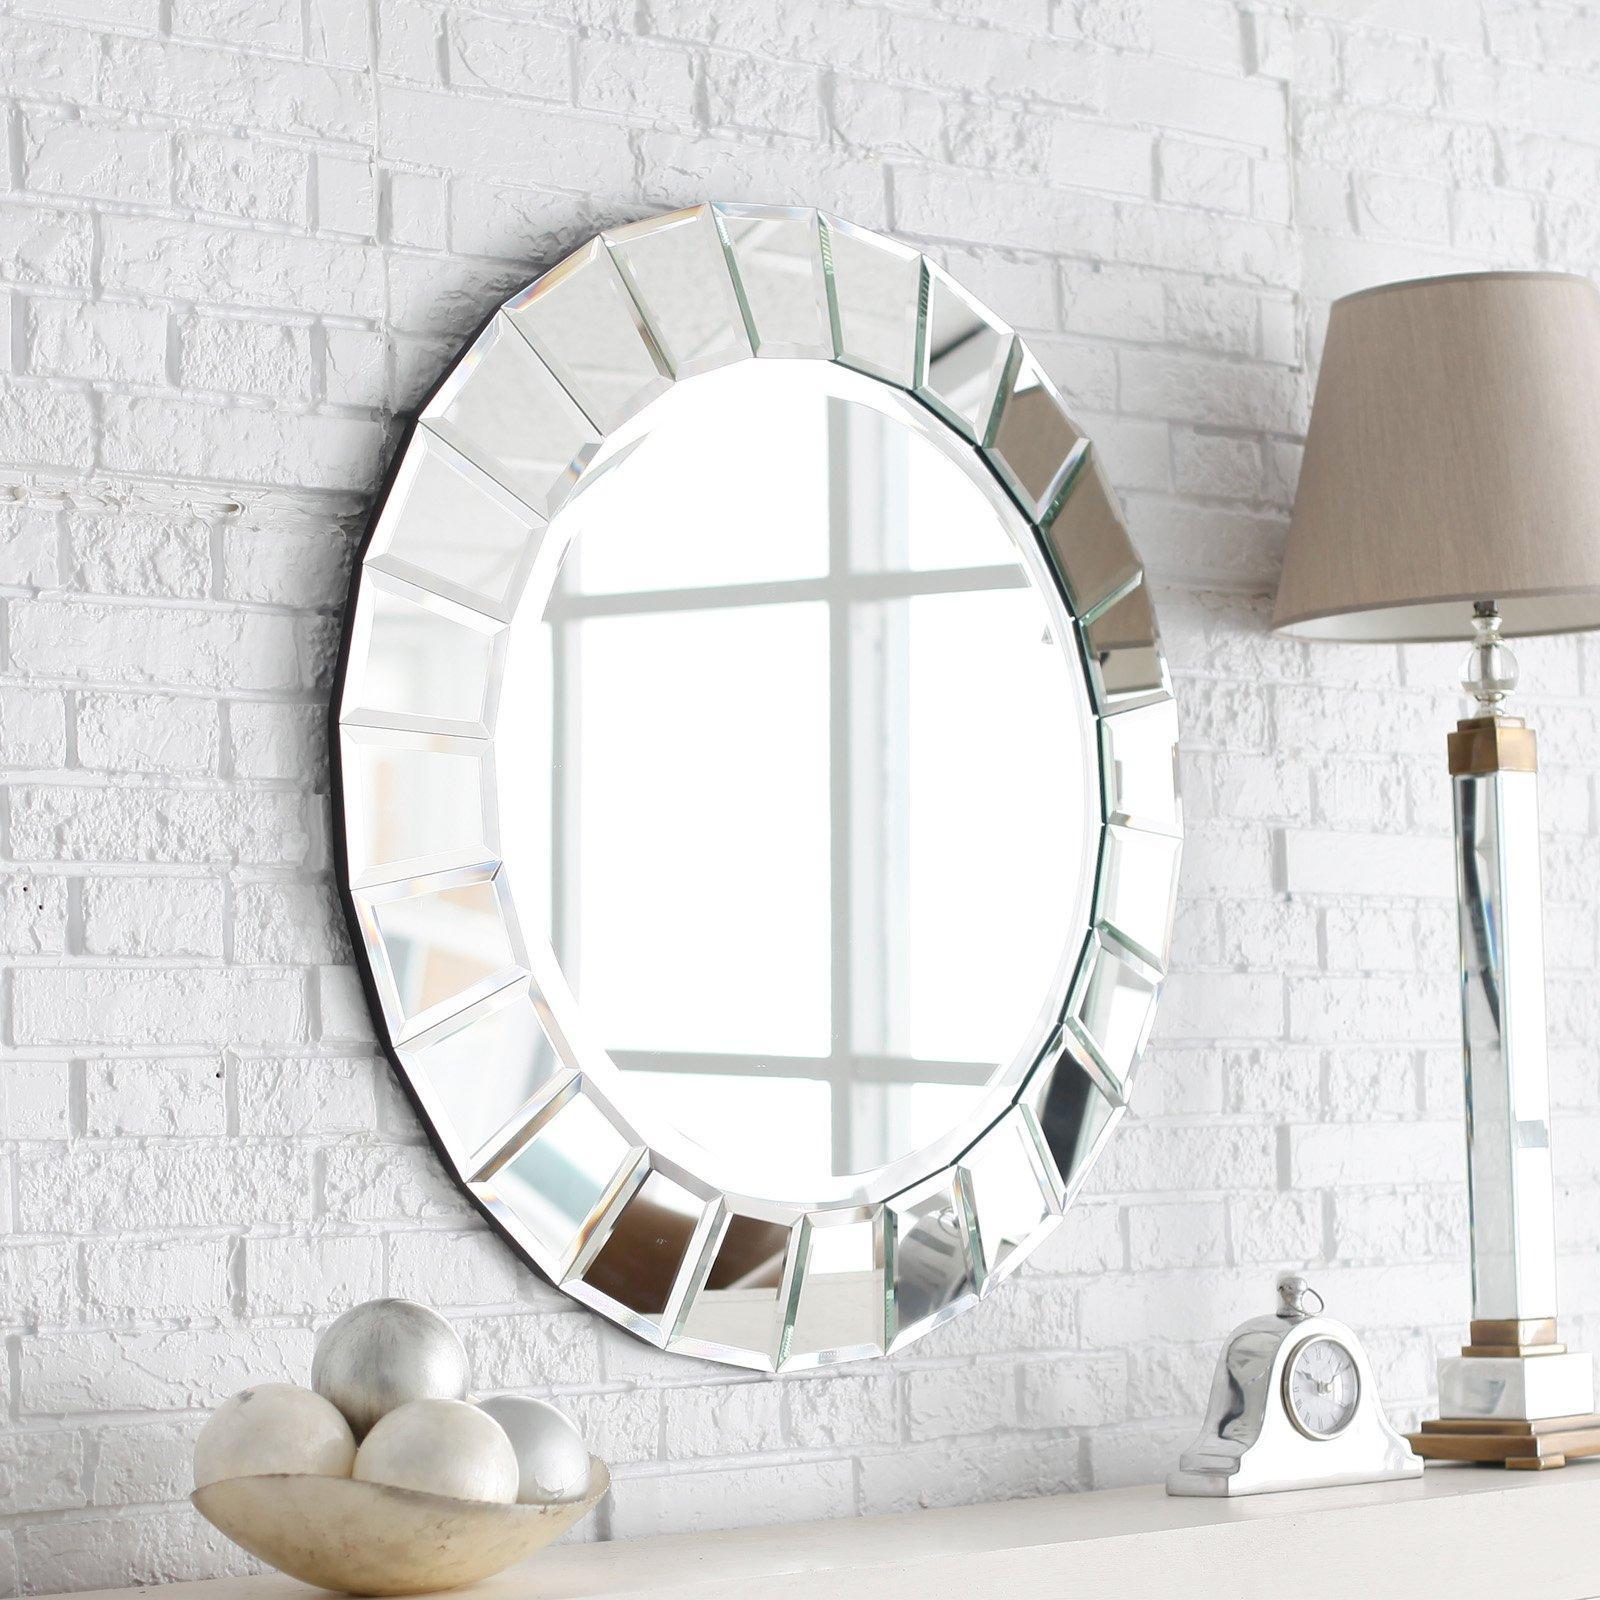 60 espelhos bisotados na decora o ideias e fotos - Espejos grandes para pared ...